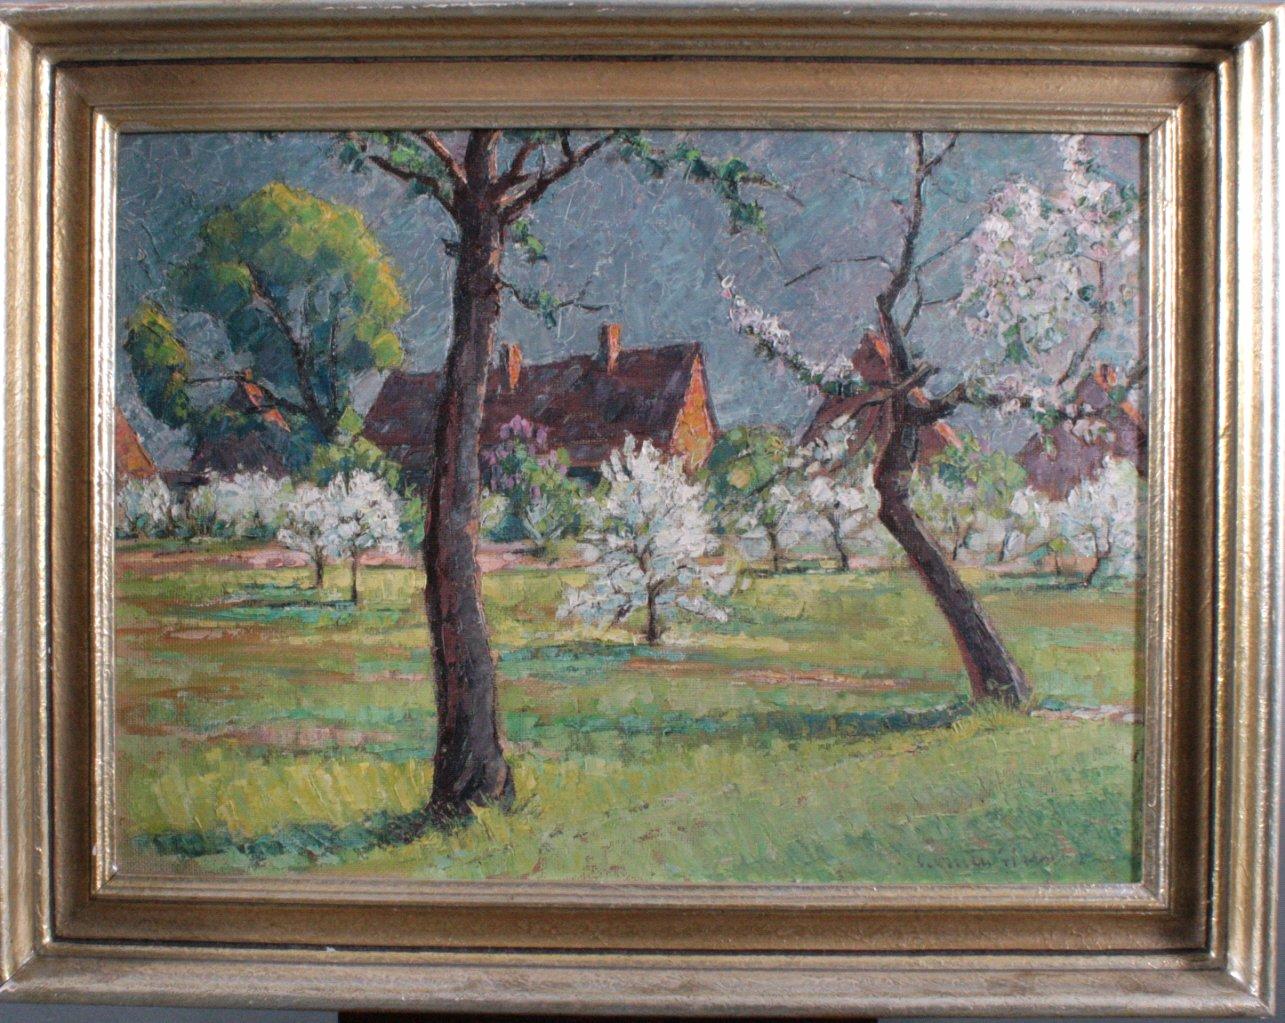 Unbekannter Künstler, Frühlingslandschaft